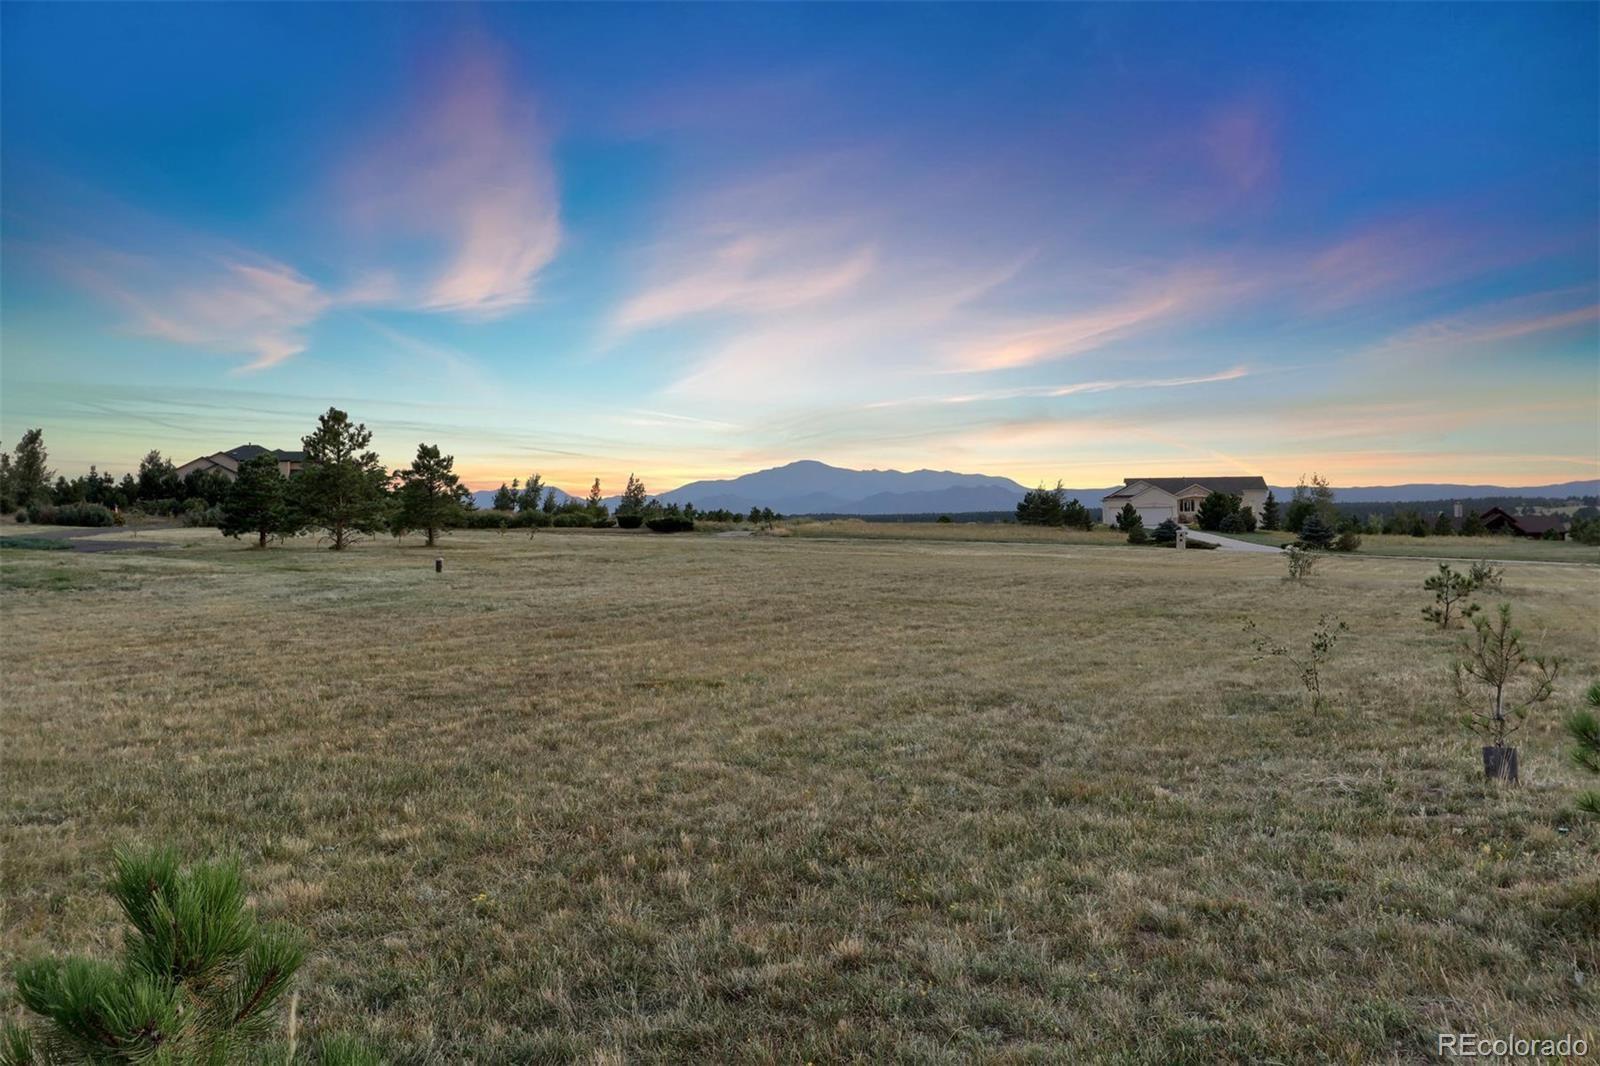 MLS# 2791700 - 2 - 19679 Glen Shadows Drive, Colorado Springs, CO 80908